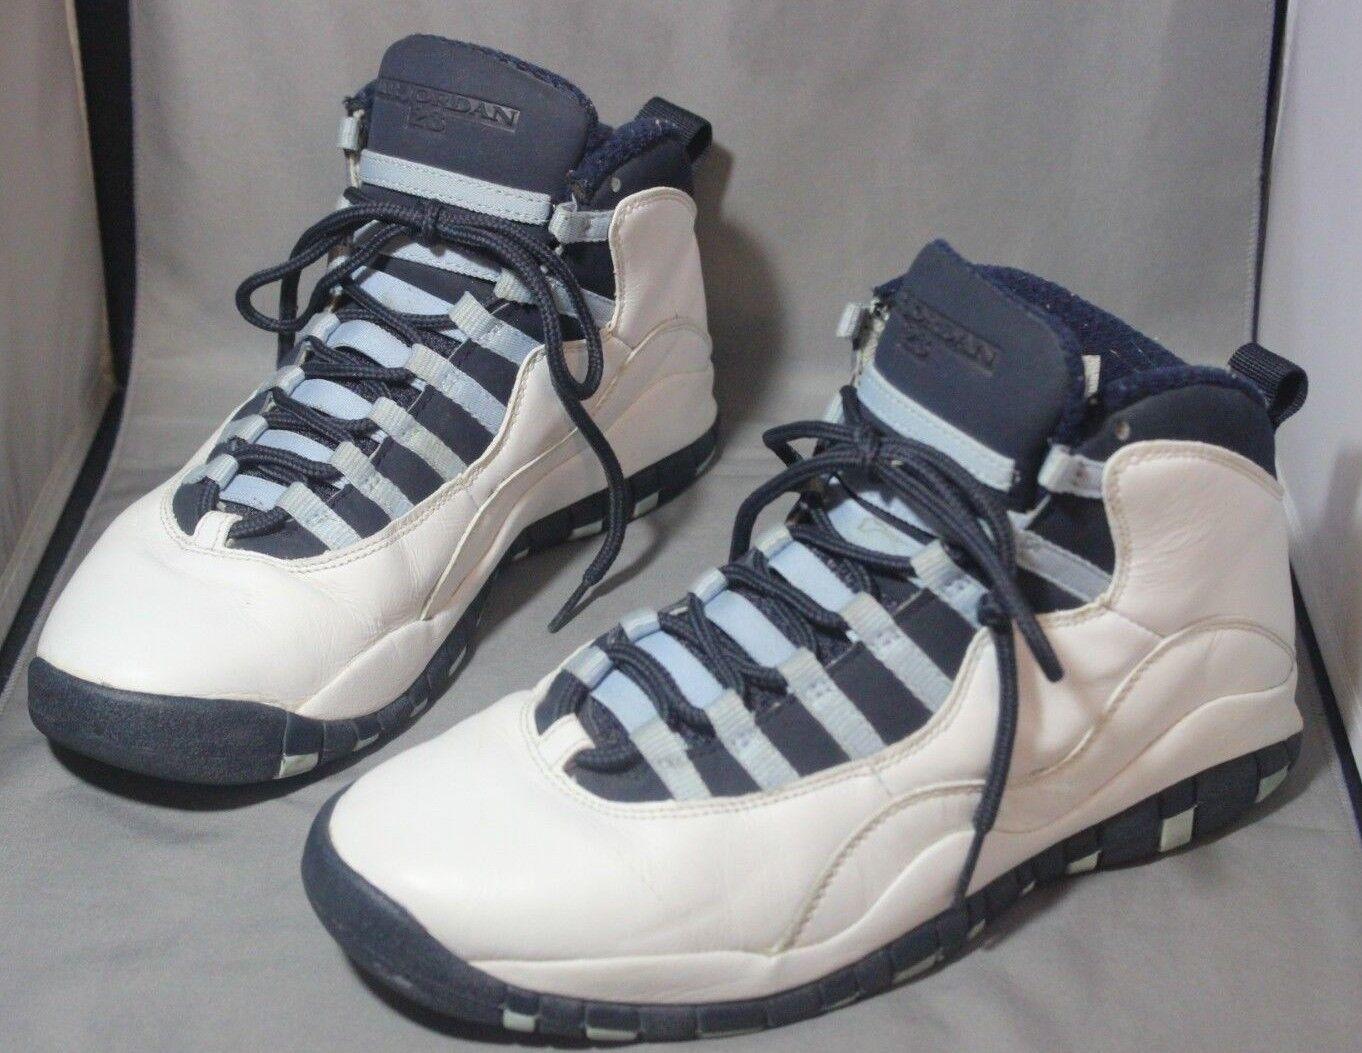 Der nike air jordan x 10 Weiß, retro 310805 141 Weiß, 10 die von obsidian ice Blau - 9 182156